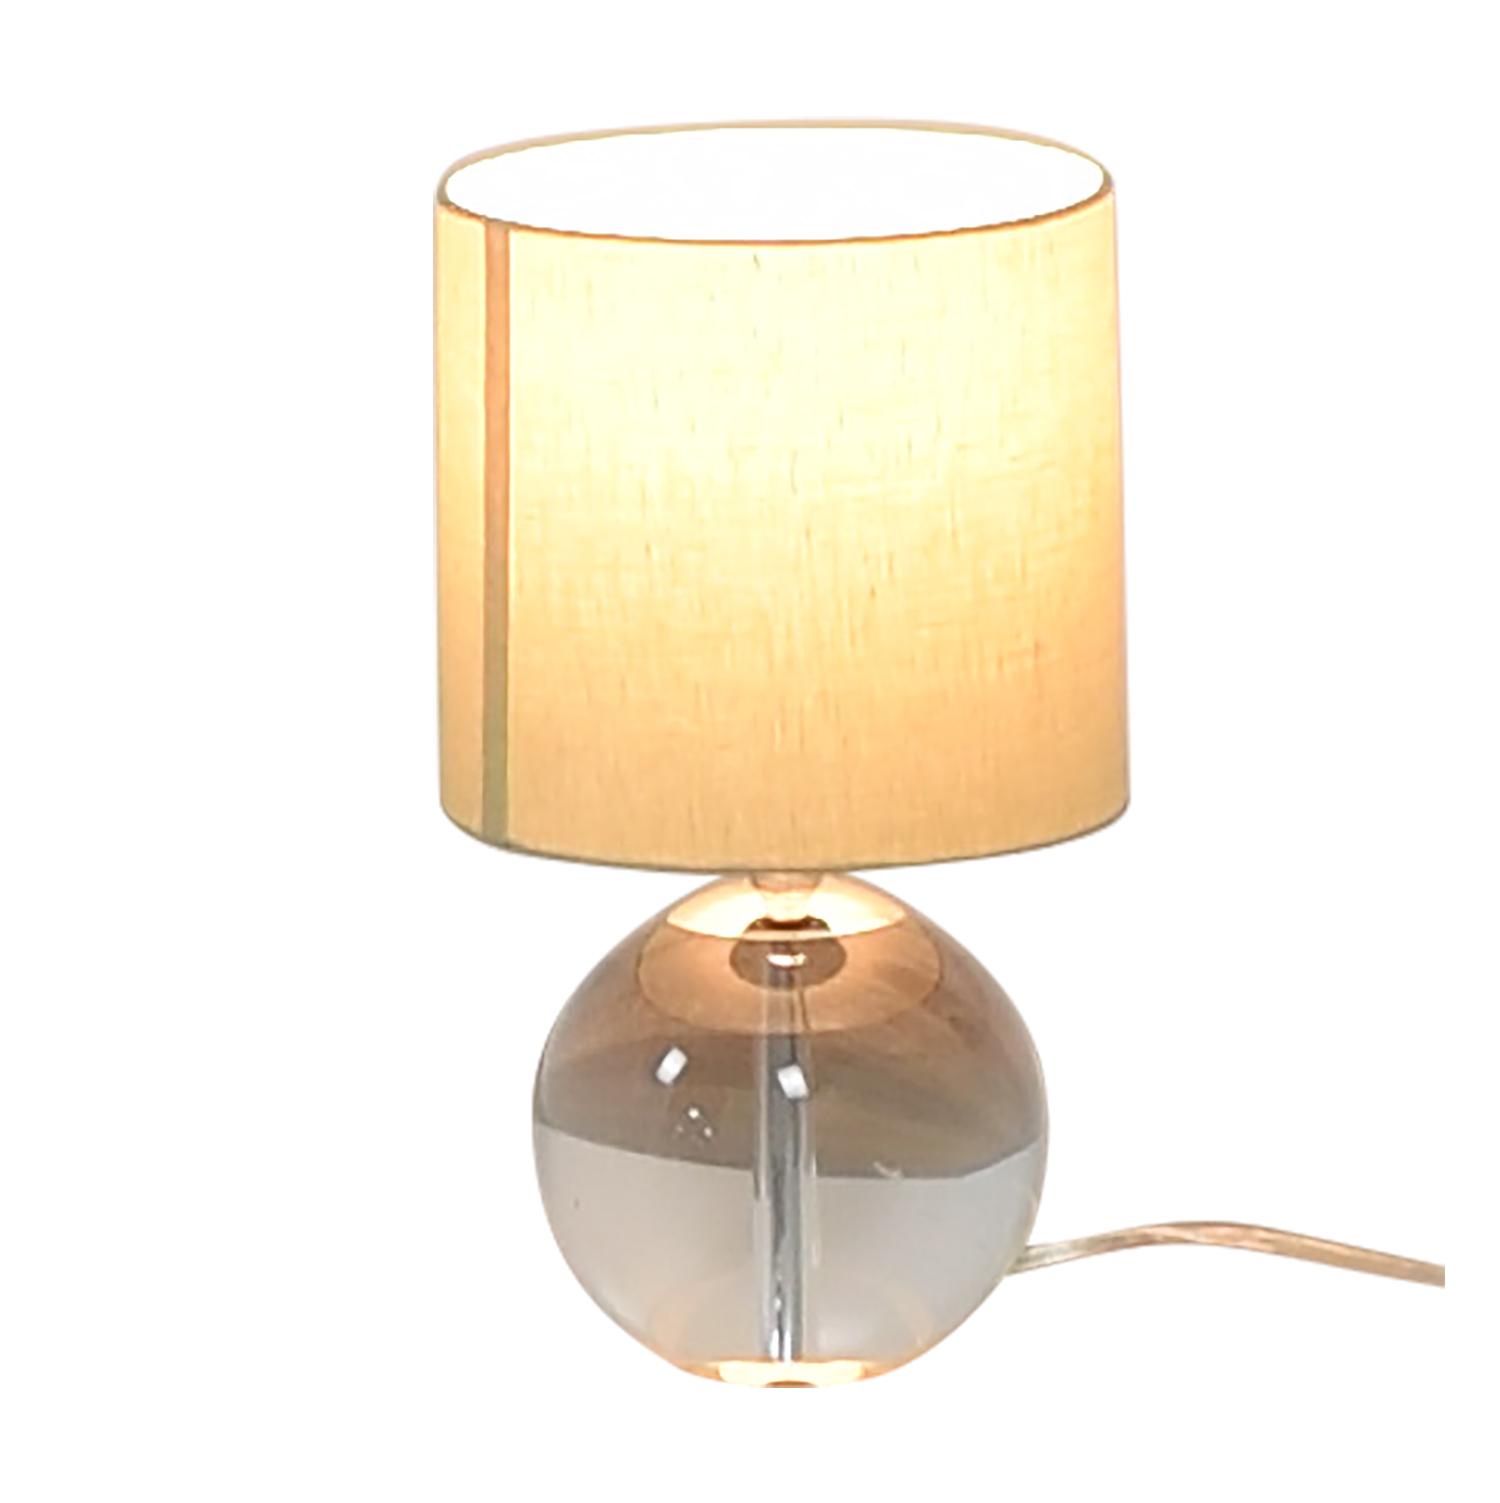 Crate & Barrel Crate & Barrel Round Glass Lamp discount